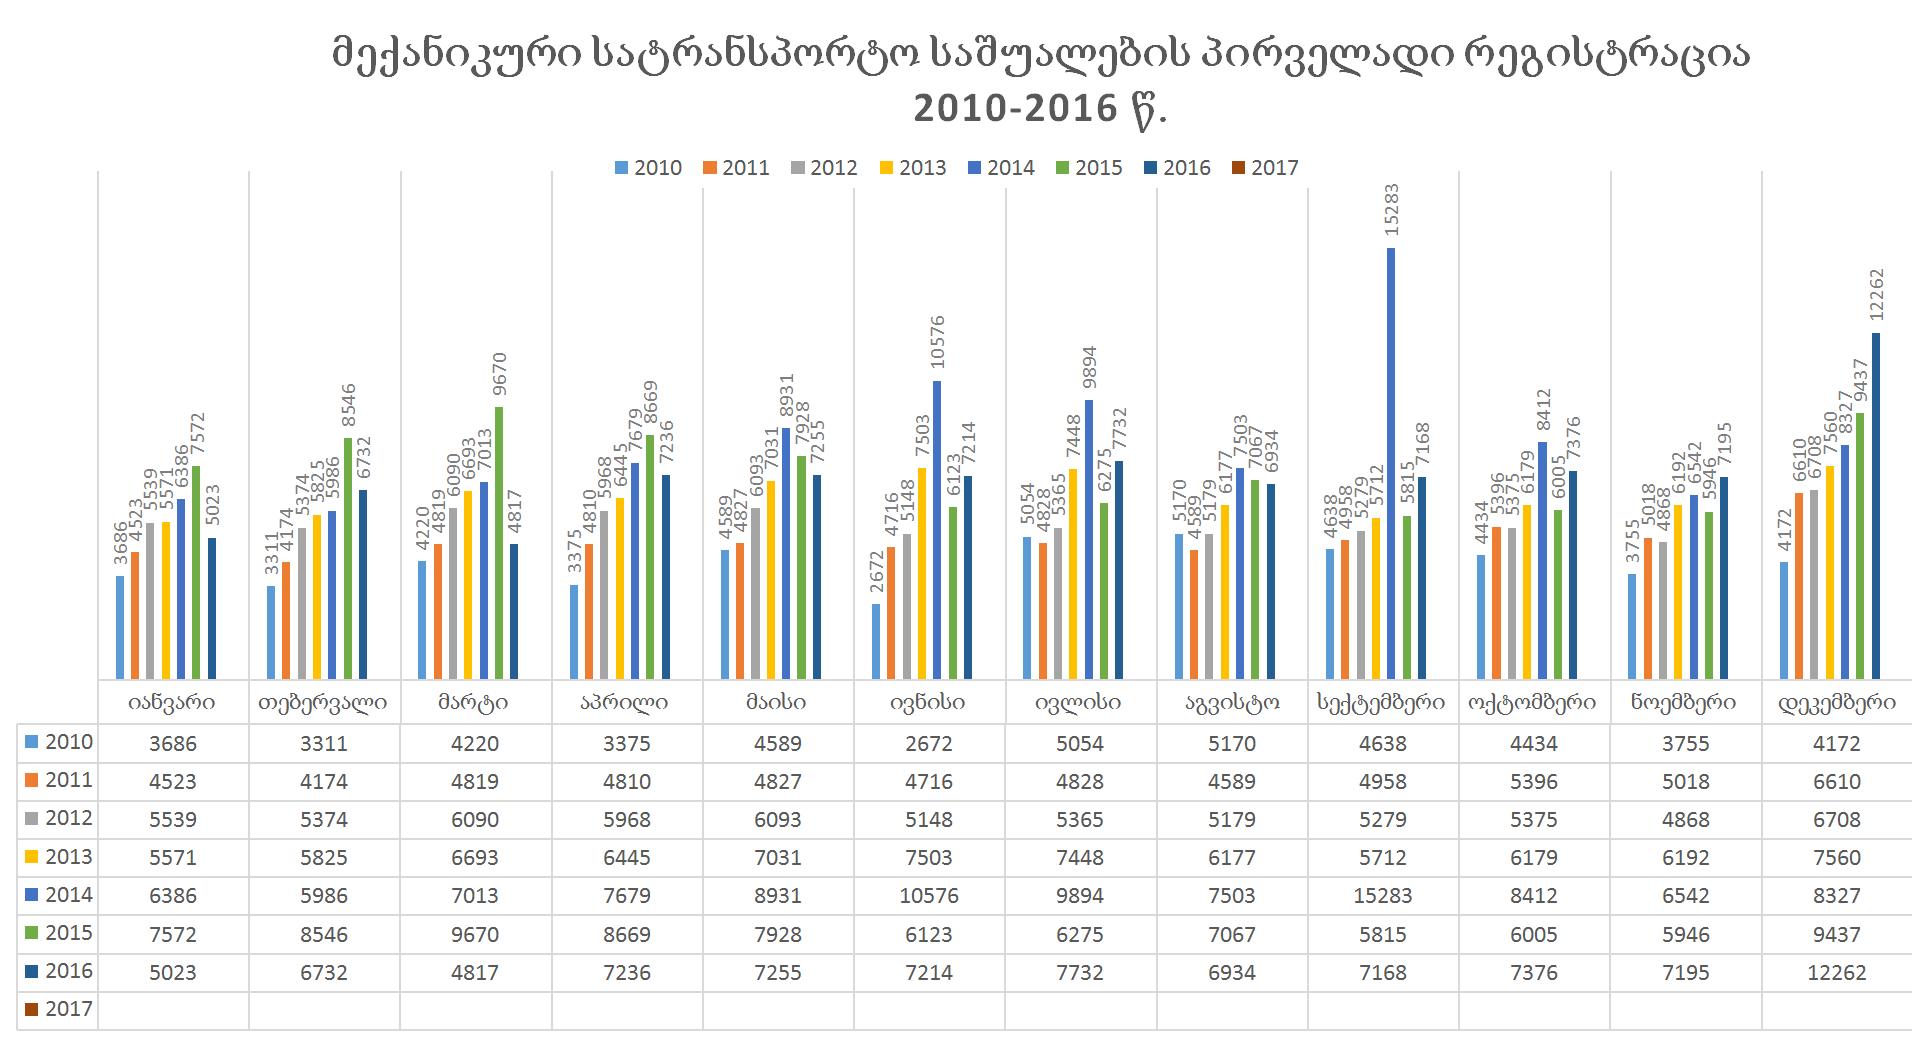 სტატისტიკა 2010-2017